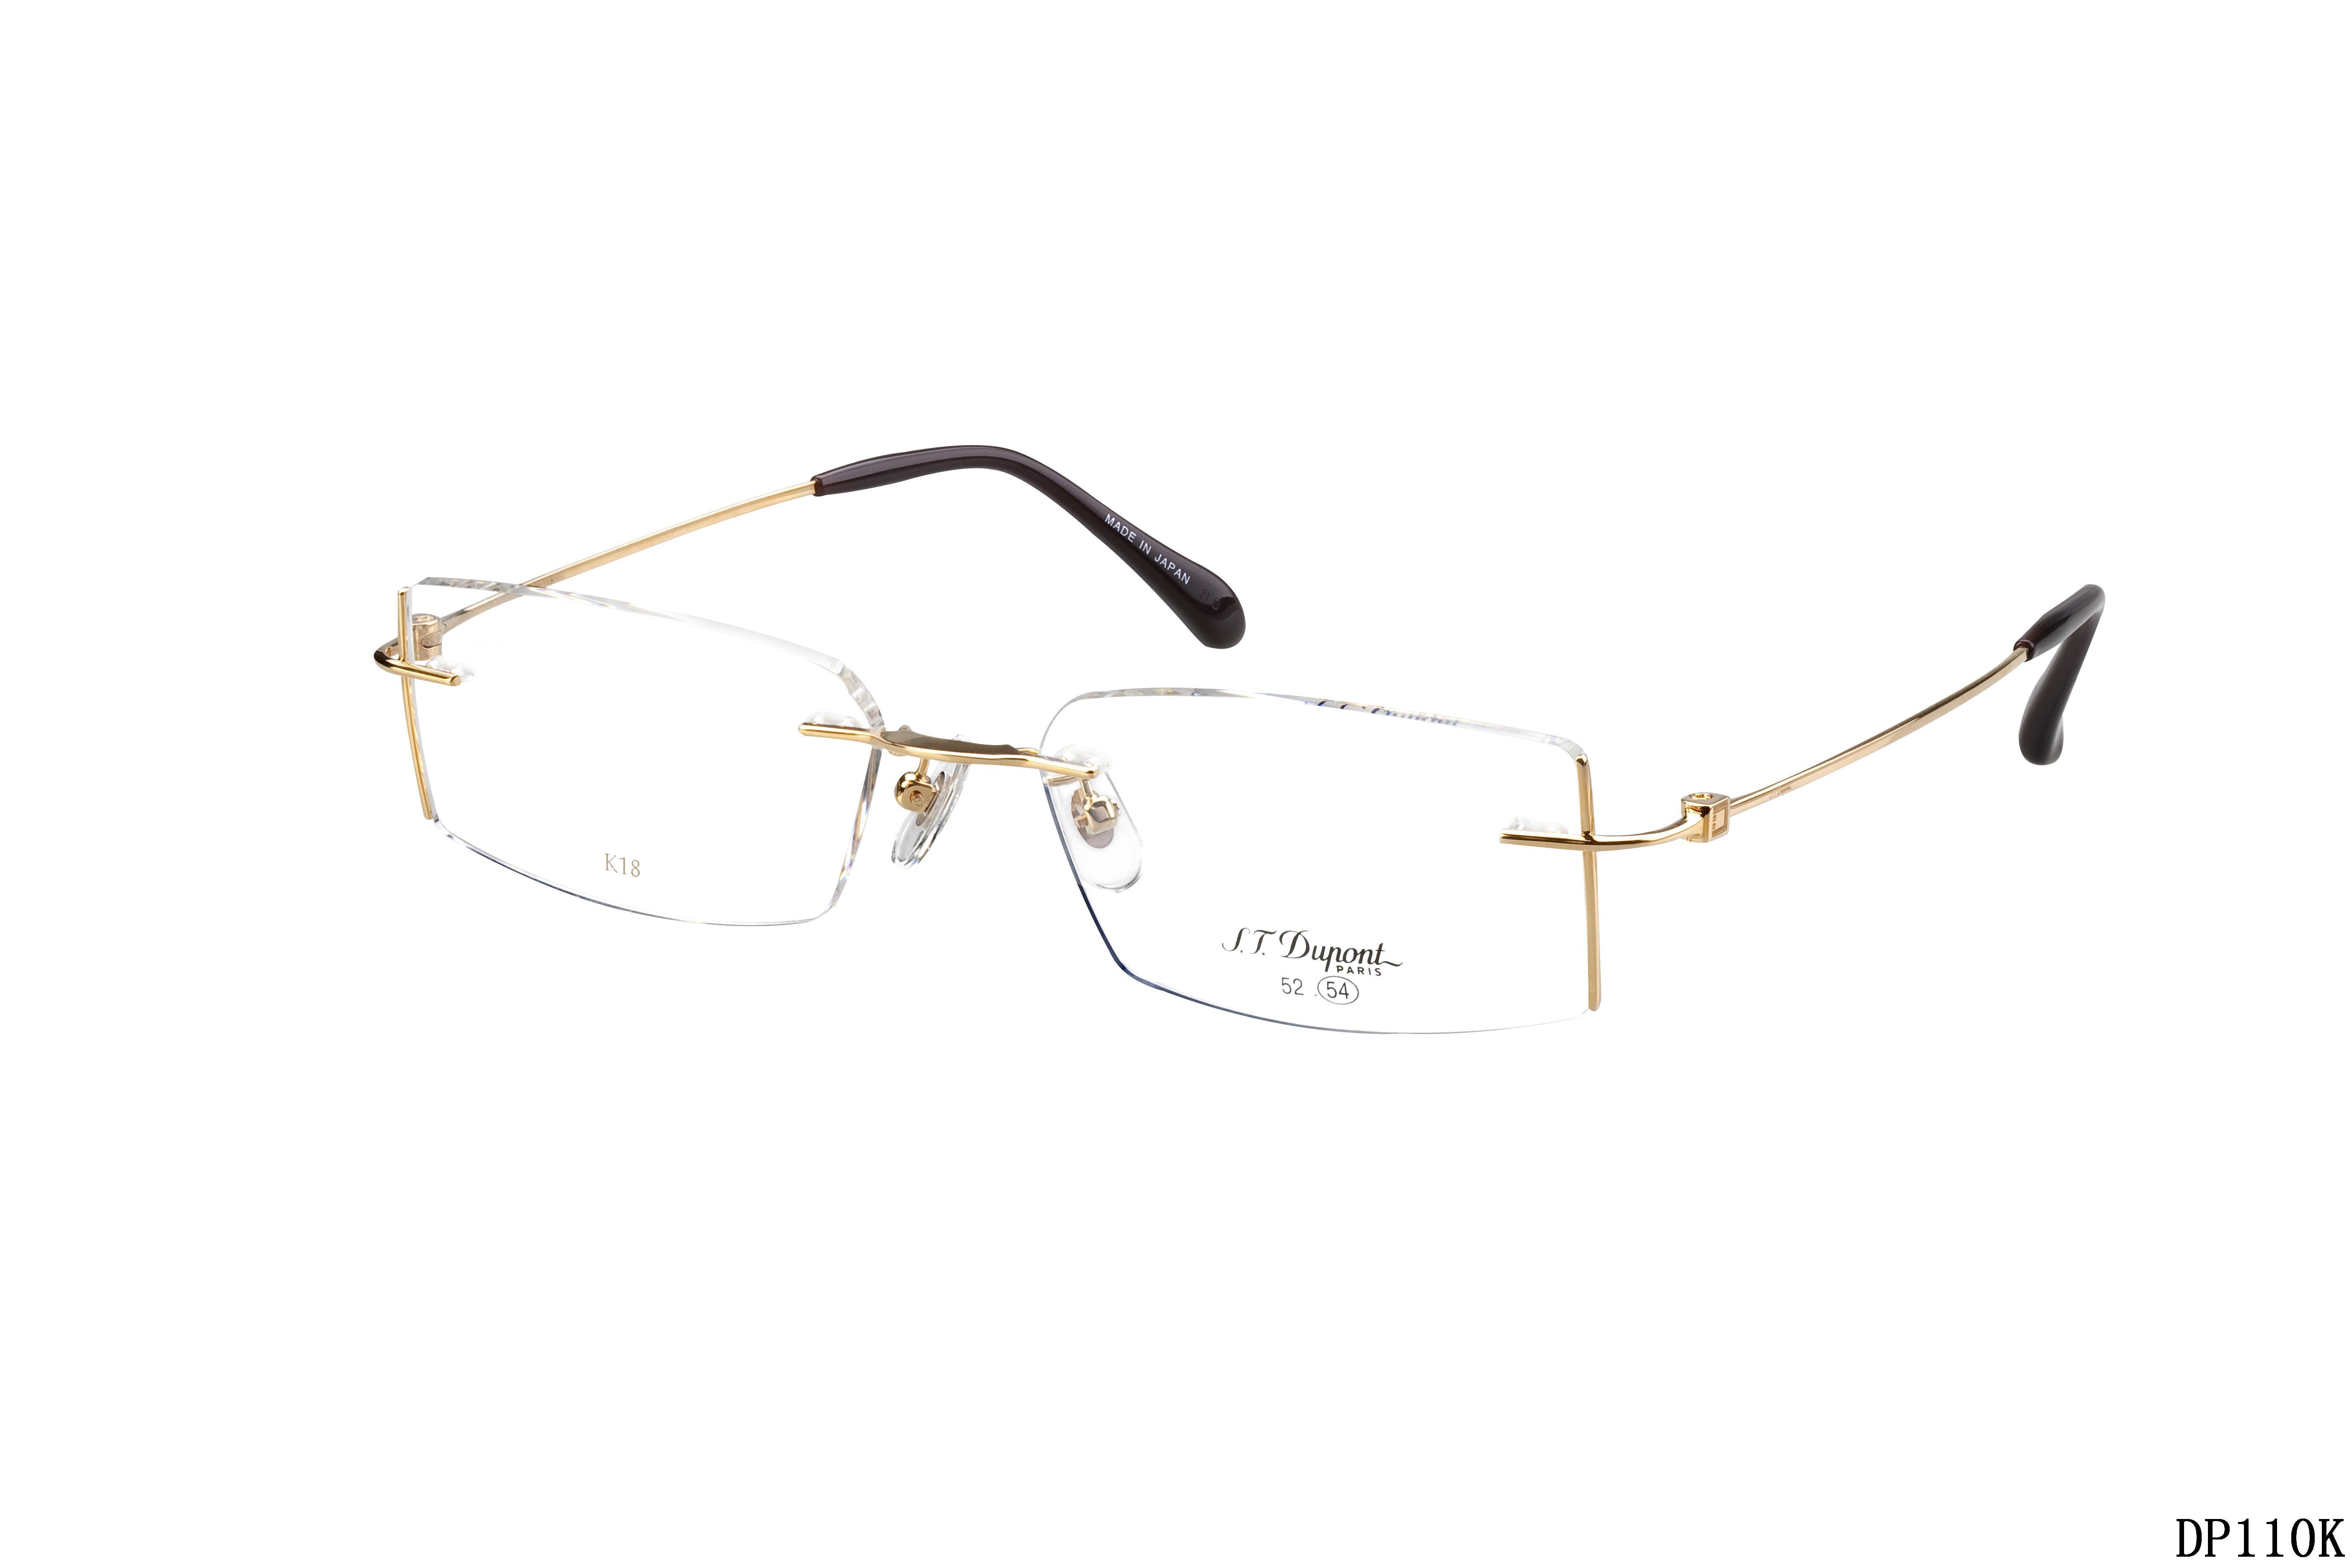 Original Dupont eyeglass frame glasses frames STDupont Dupont DP-110 ...